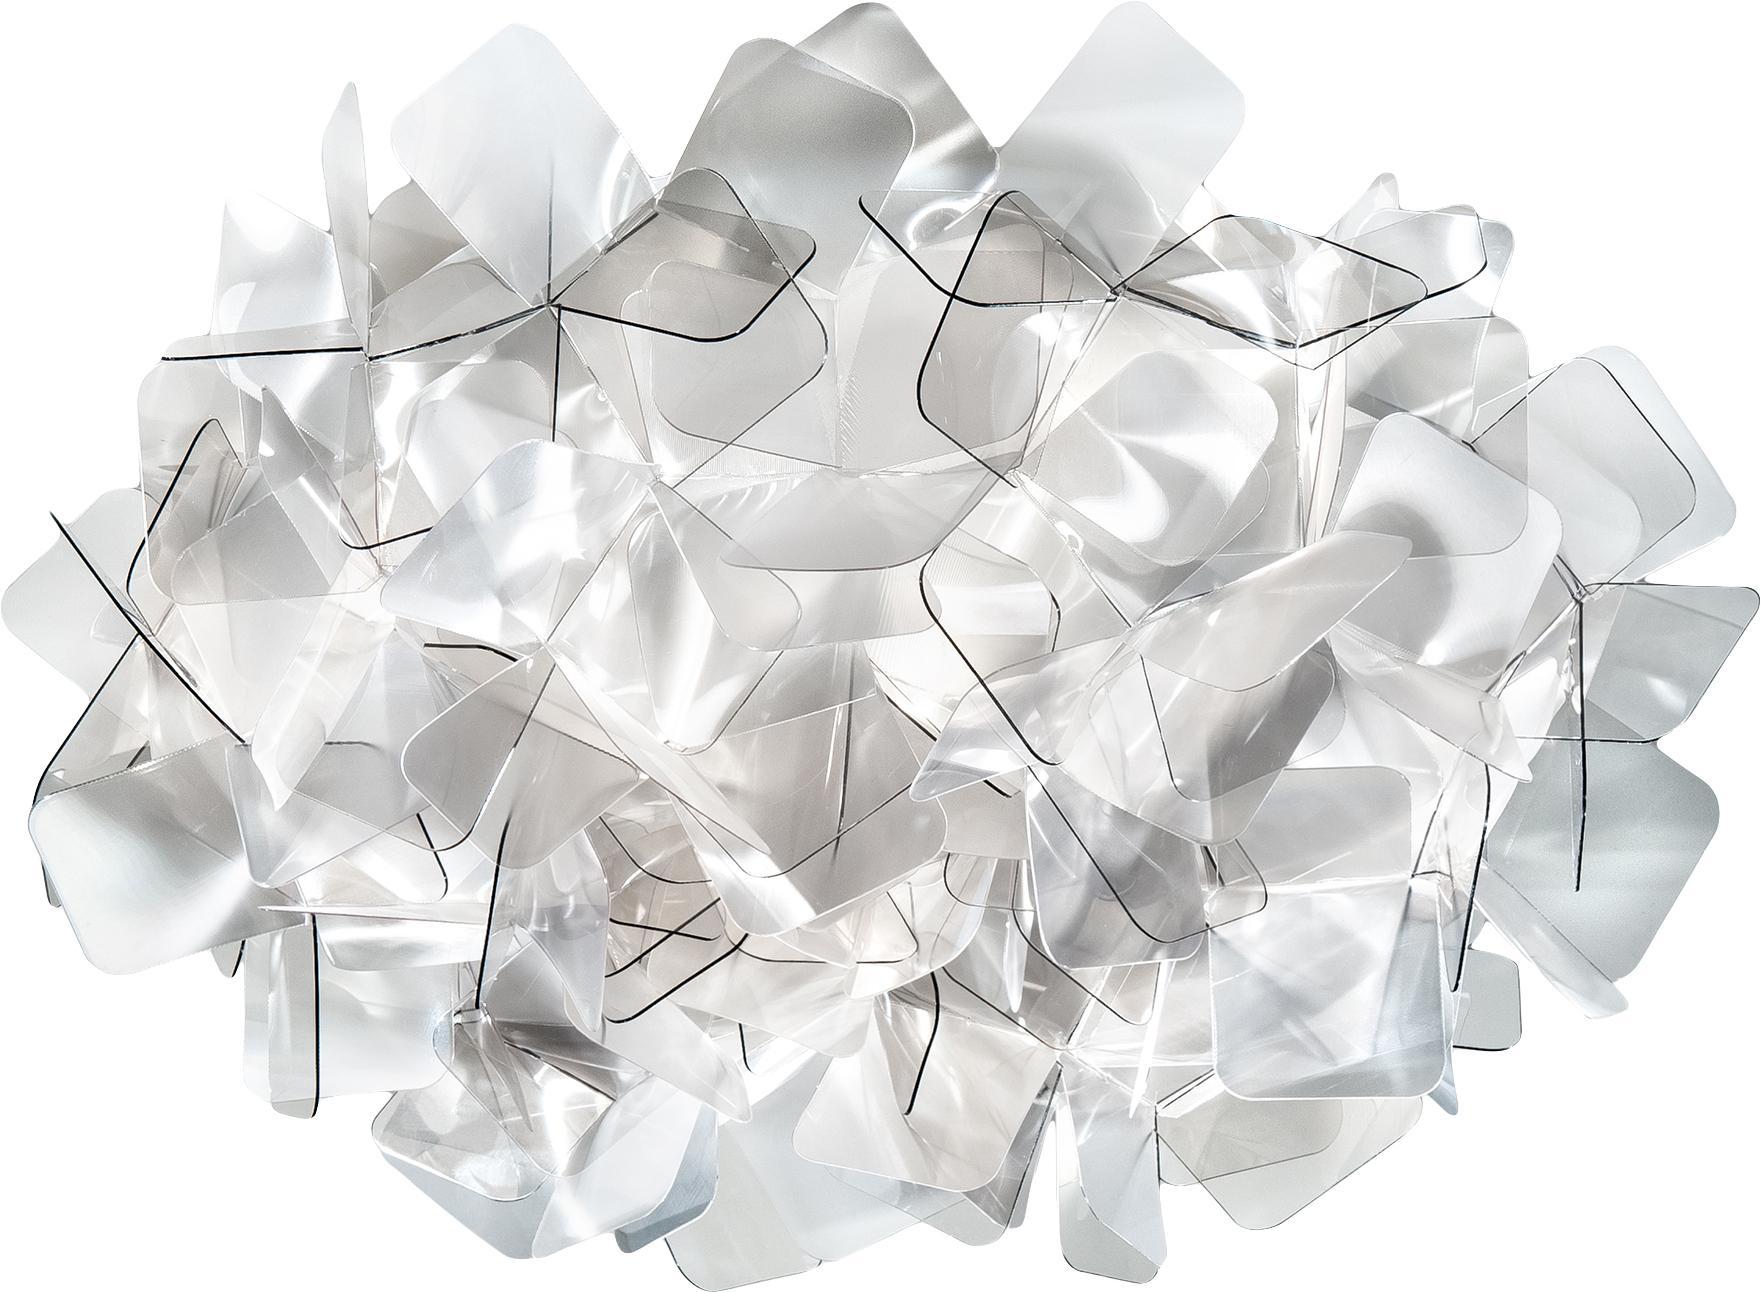 Lampada da parete e soffitto Clizia, Tecnopolimeri Lentiflex®, deflessione della luce e Cristalflex®, infrangibile, flessibile, Grigio chiaro trasparente, Ø 32 x Alt. 15 cm